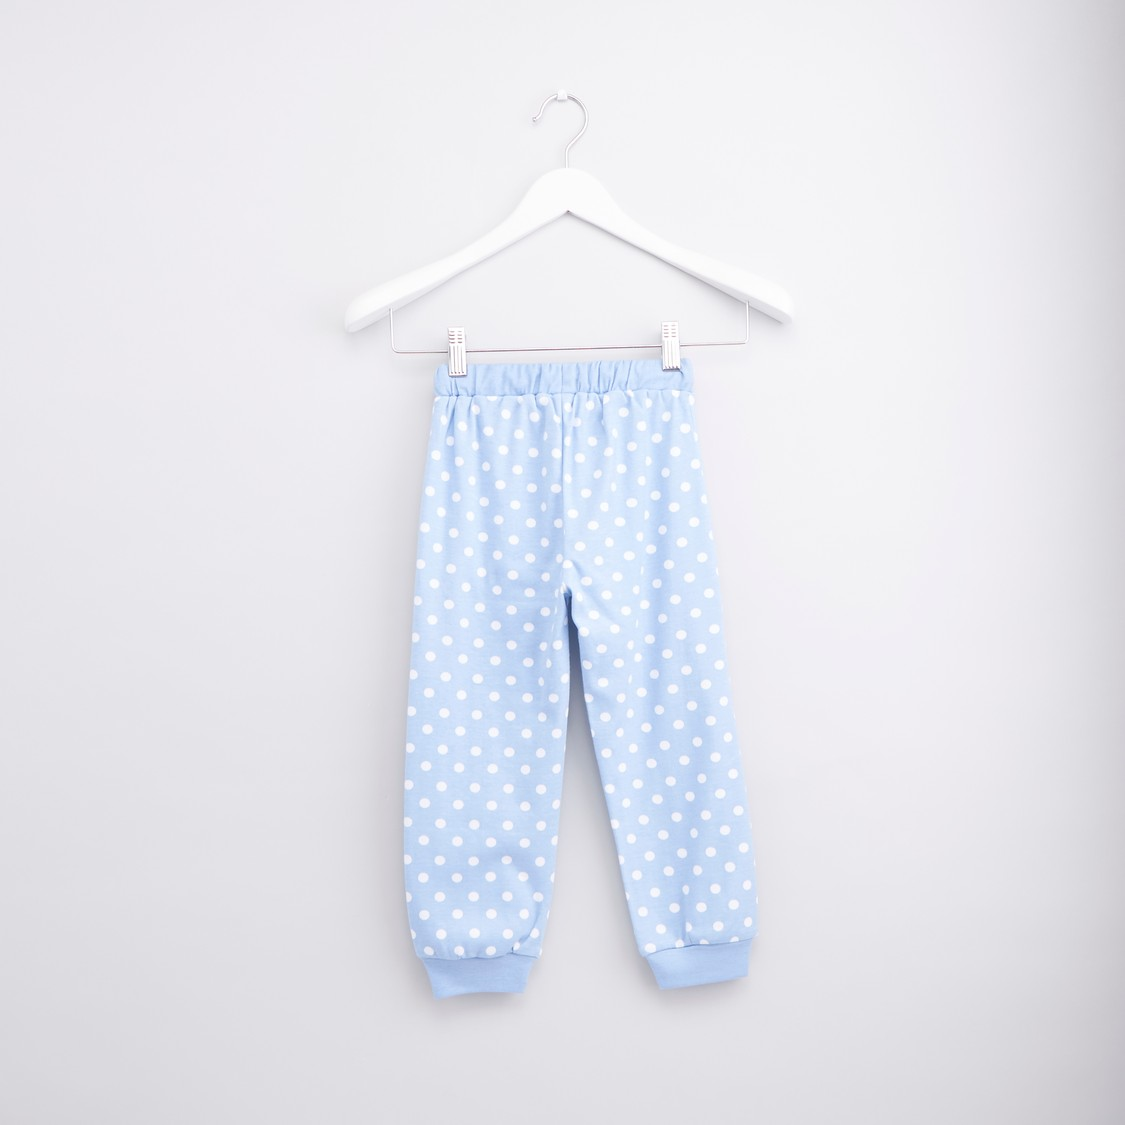 Printed Long Sleeves T-shirt with Polka Dot Jog Pants